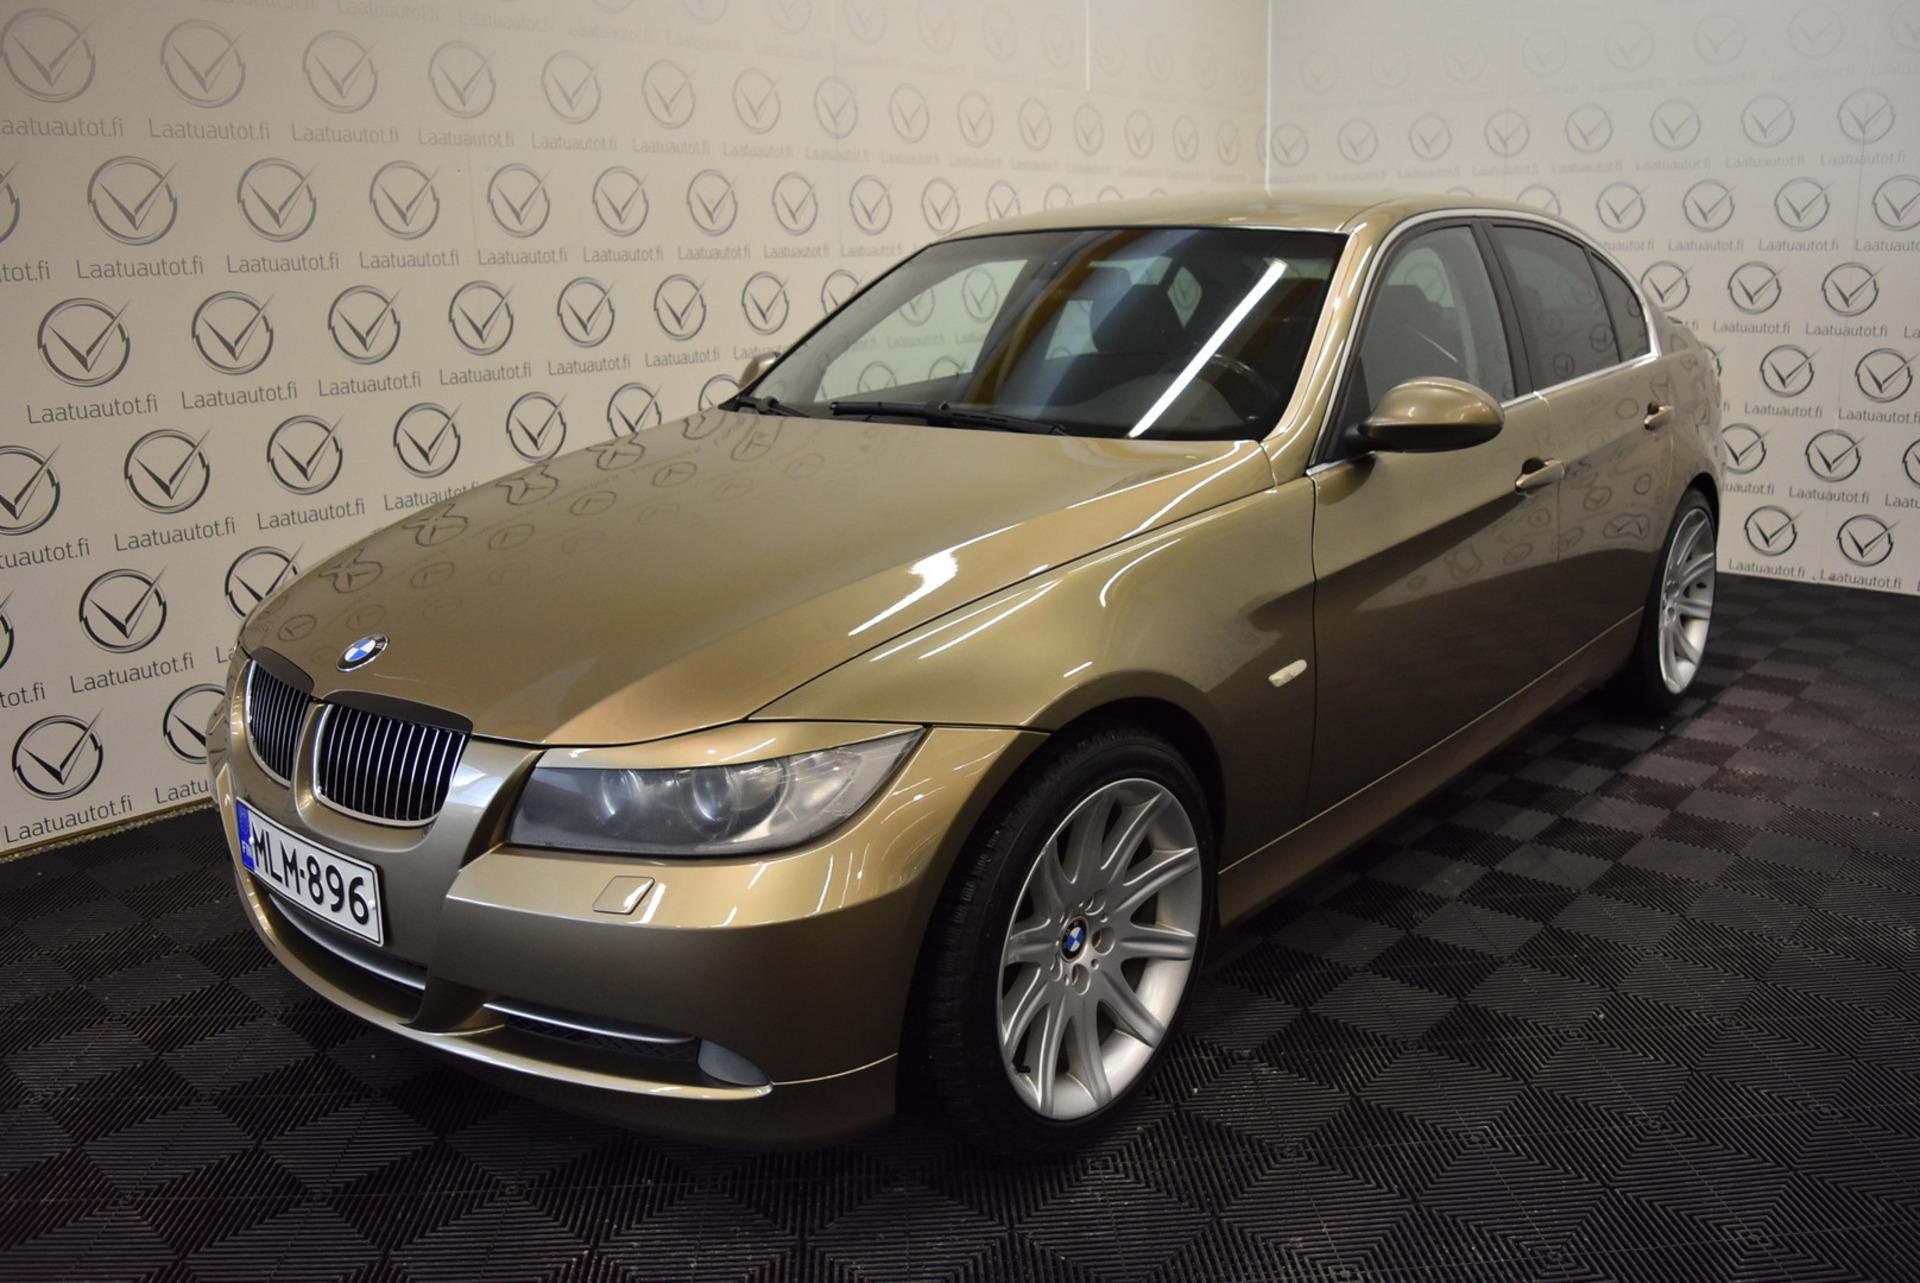 BMW 335 DA E90 Sedan - Rahoitus 1.89% jopa ilman käsirahaa! Xenon,  Sportpenkit,  Cruise,  PDC